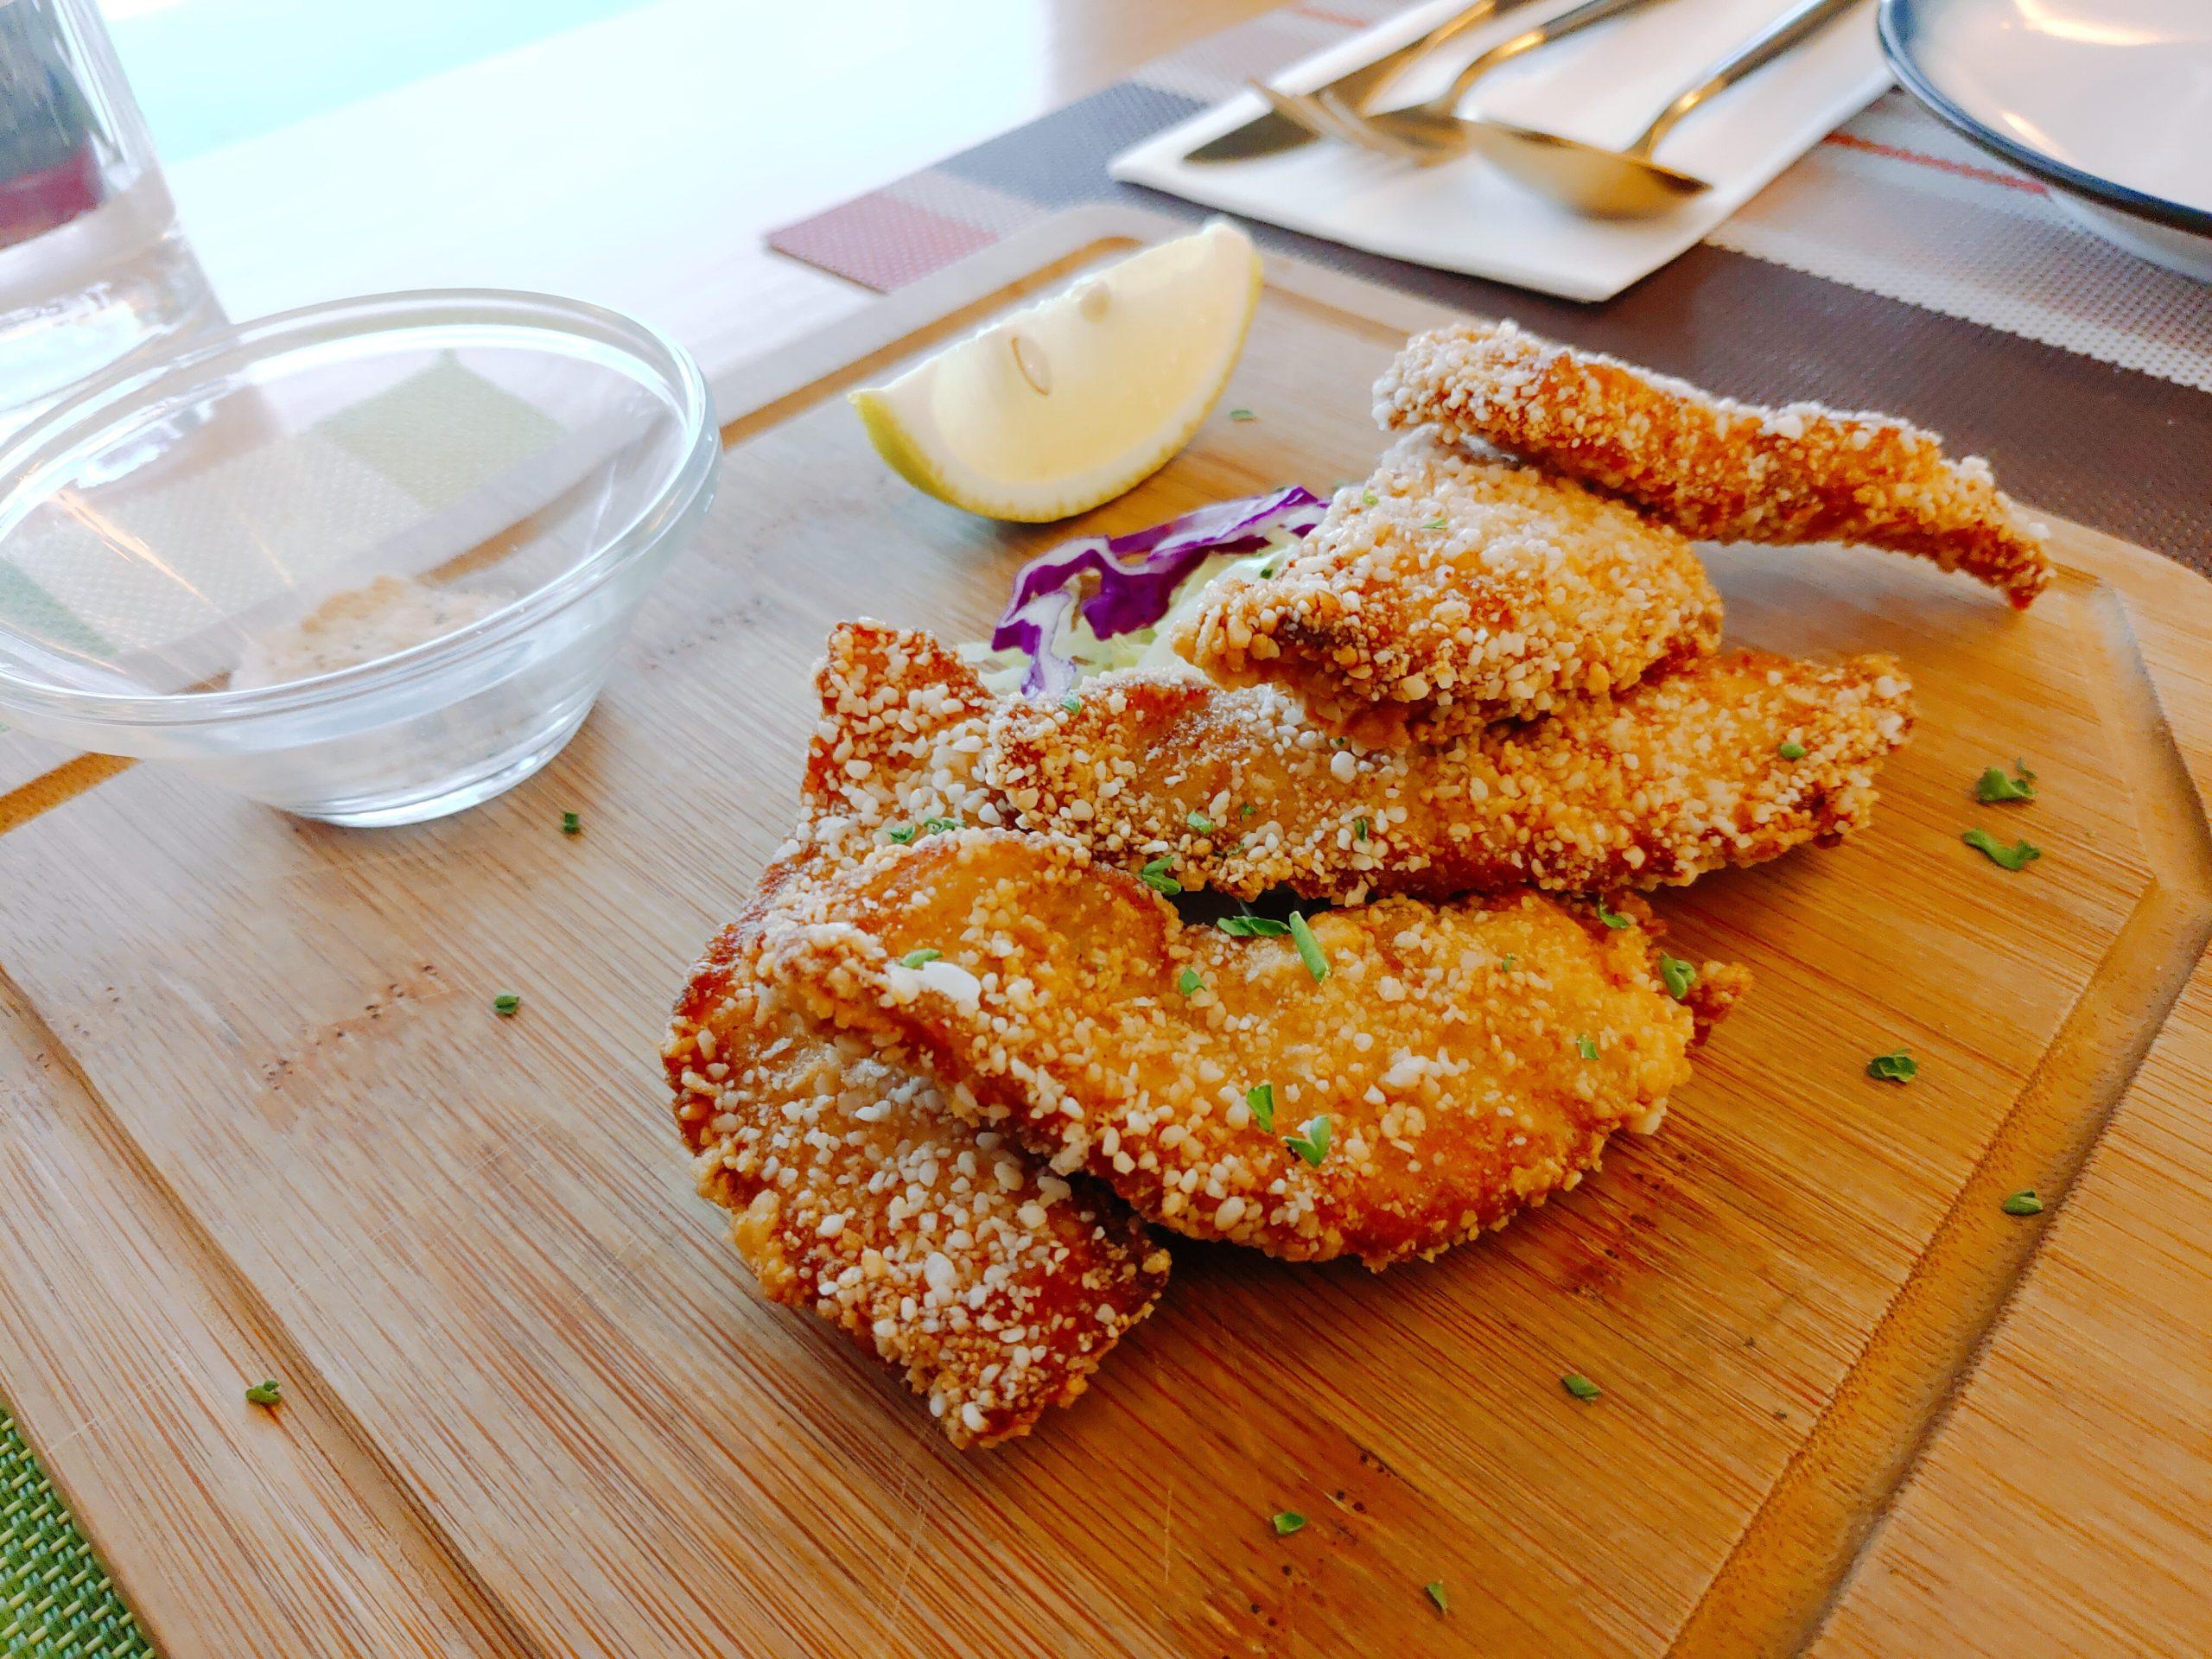 【花蓮市區】Jm's無國界料理|不受國別所限的創意料理,從燉飯到漢堡都隨心而選